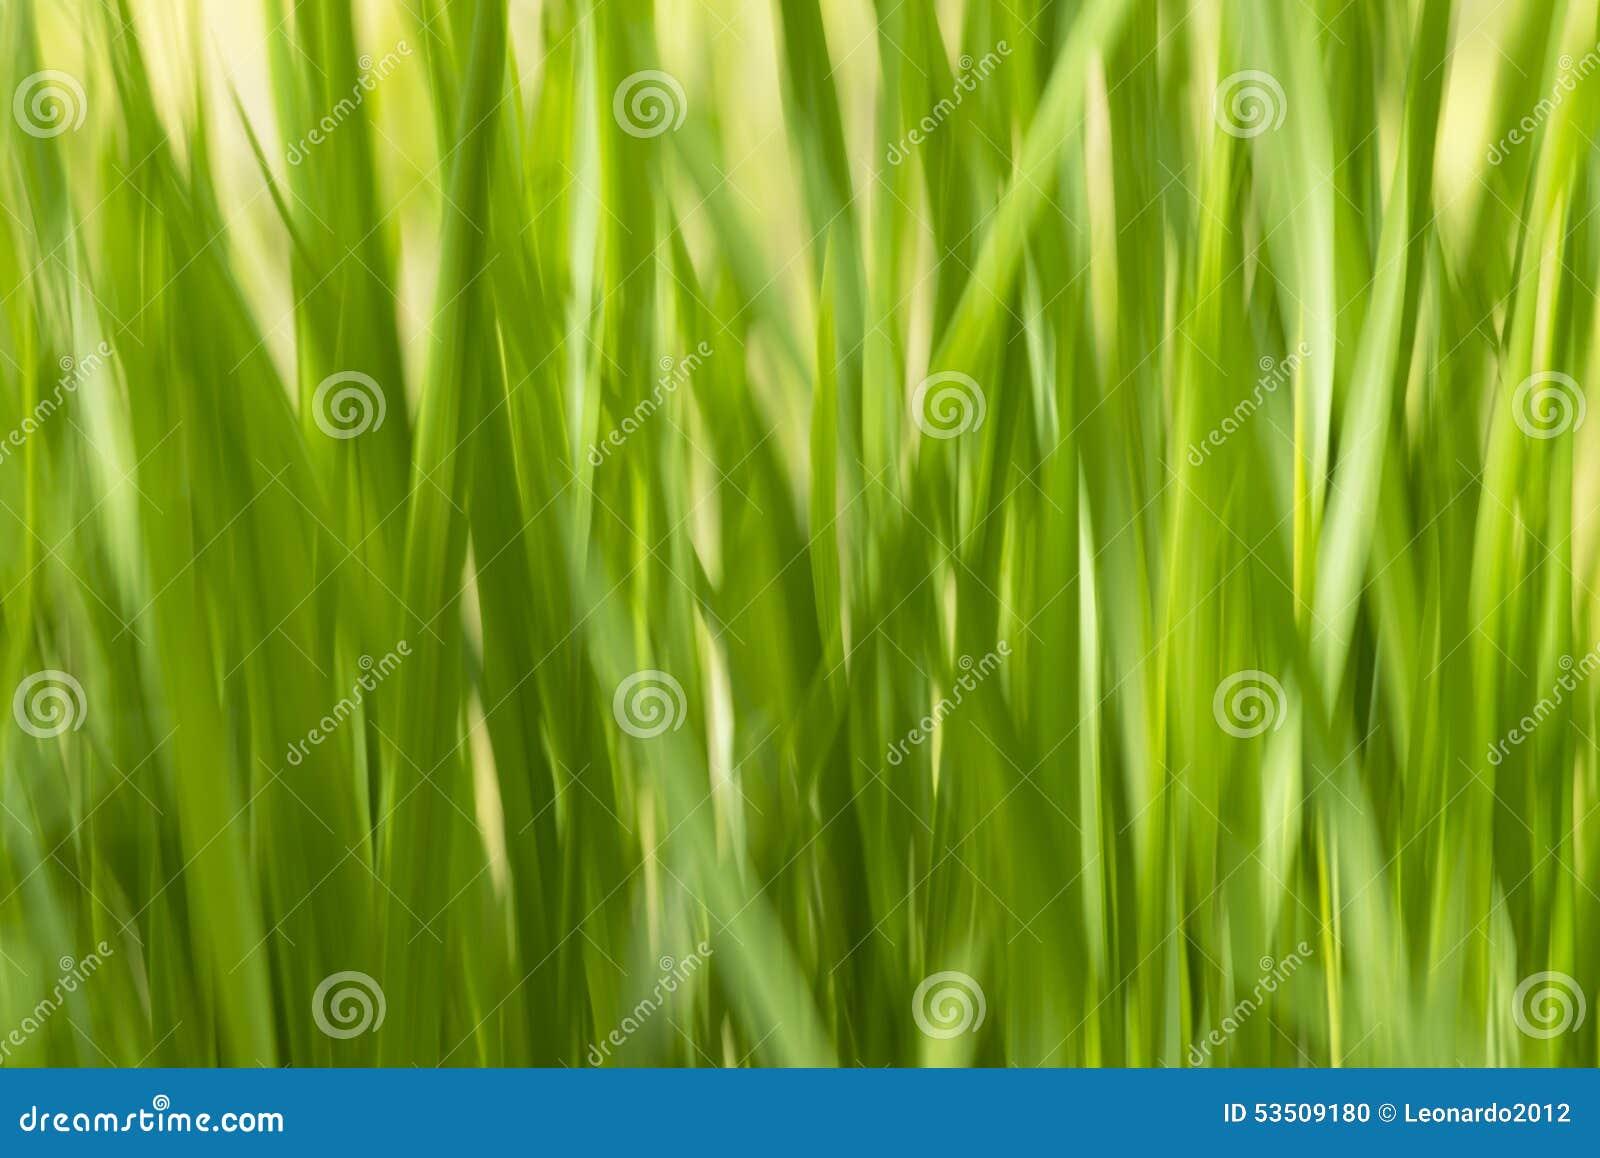 Raggiro ecologycal e sano del fondo di verde dell estratto dell erba delle sfuocature